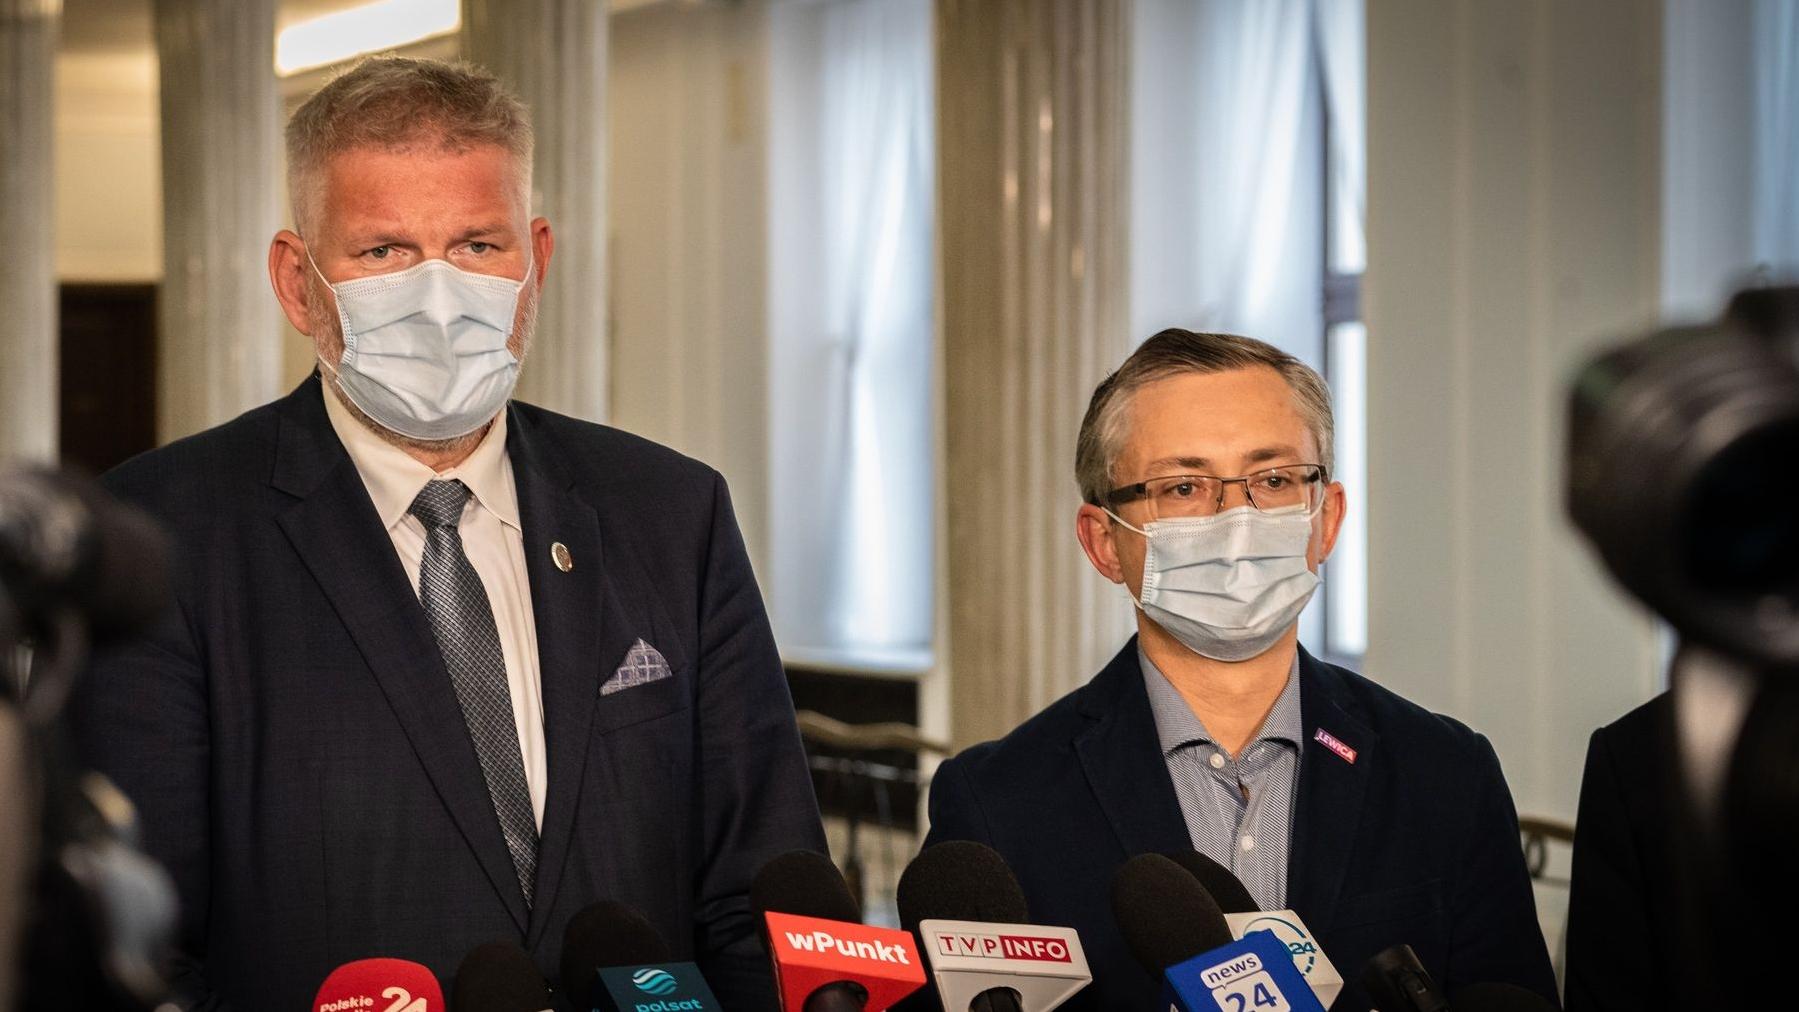 Lewica: Premier nie może dalej ignorować protestu medyków, polska służba zdrowia choruje przewlekle